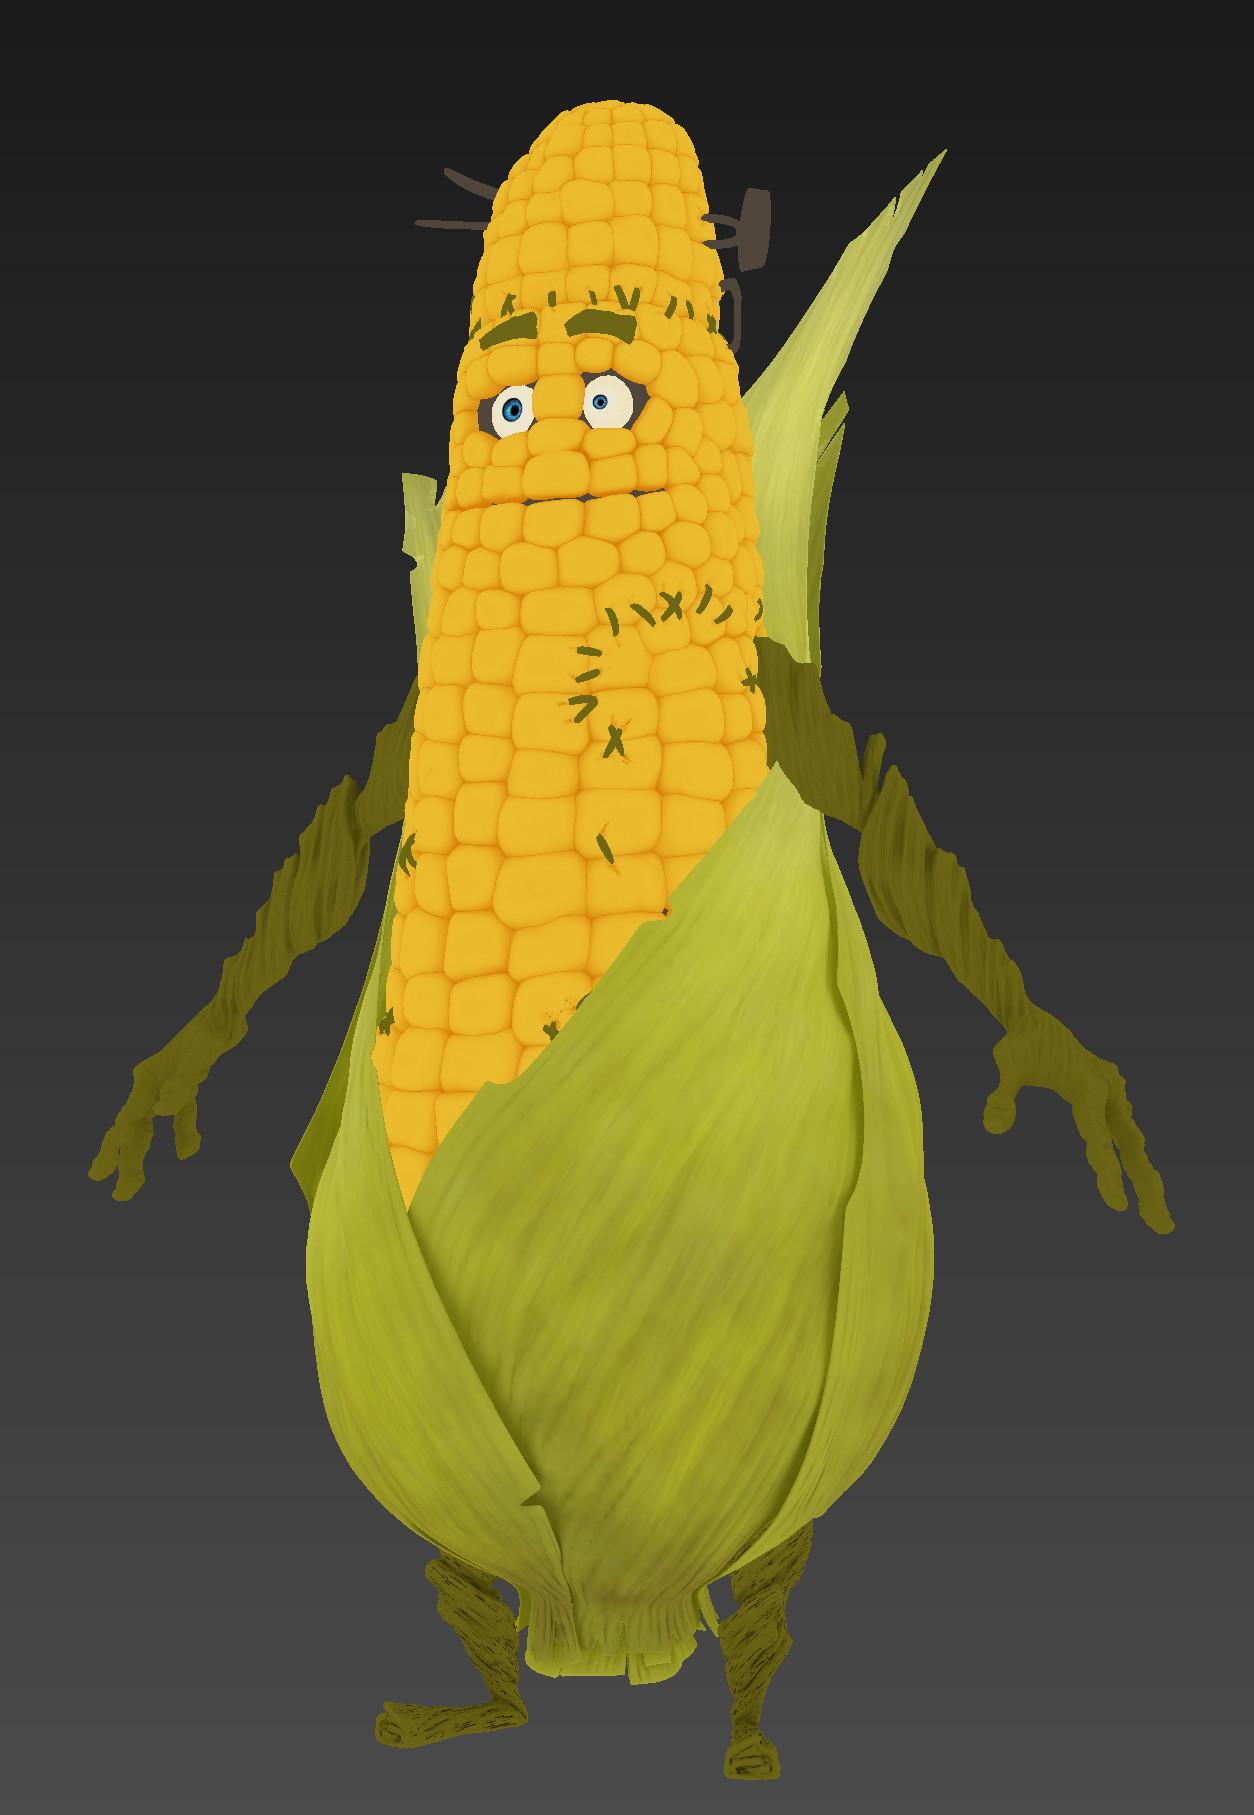 Olivier couston corn texture